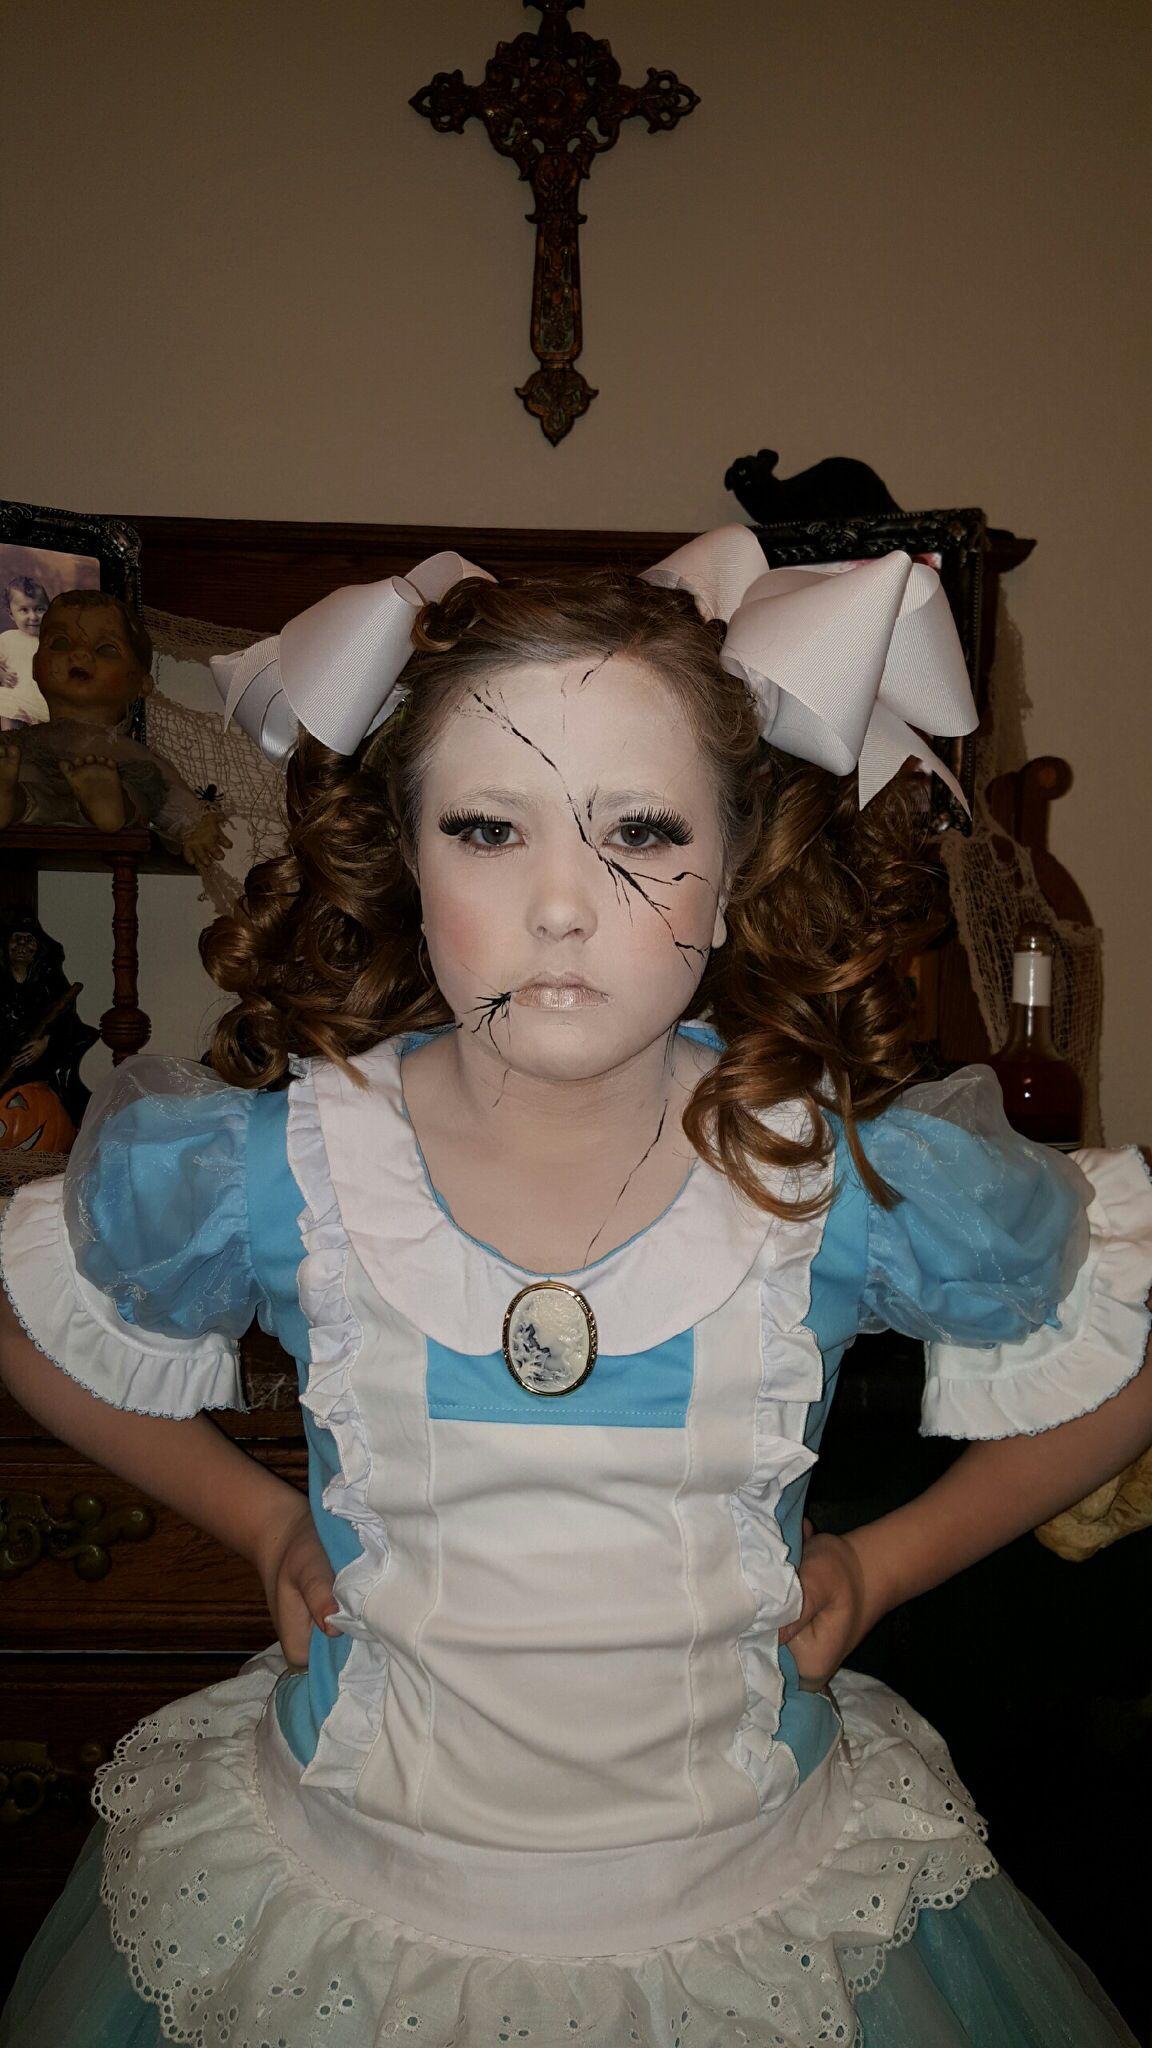 broken porcelain doll halloween costume halloween halloween puppe halloween kost m. Black Bedroom Furniture Sets. Home Design Ideas